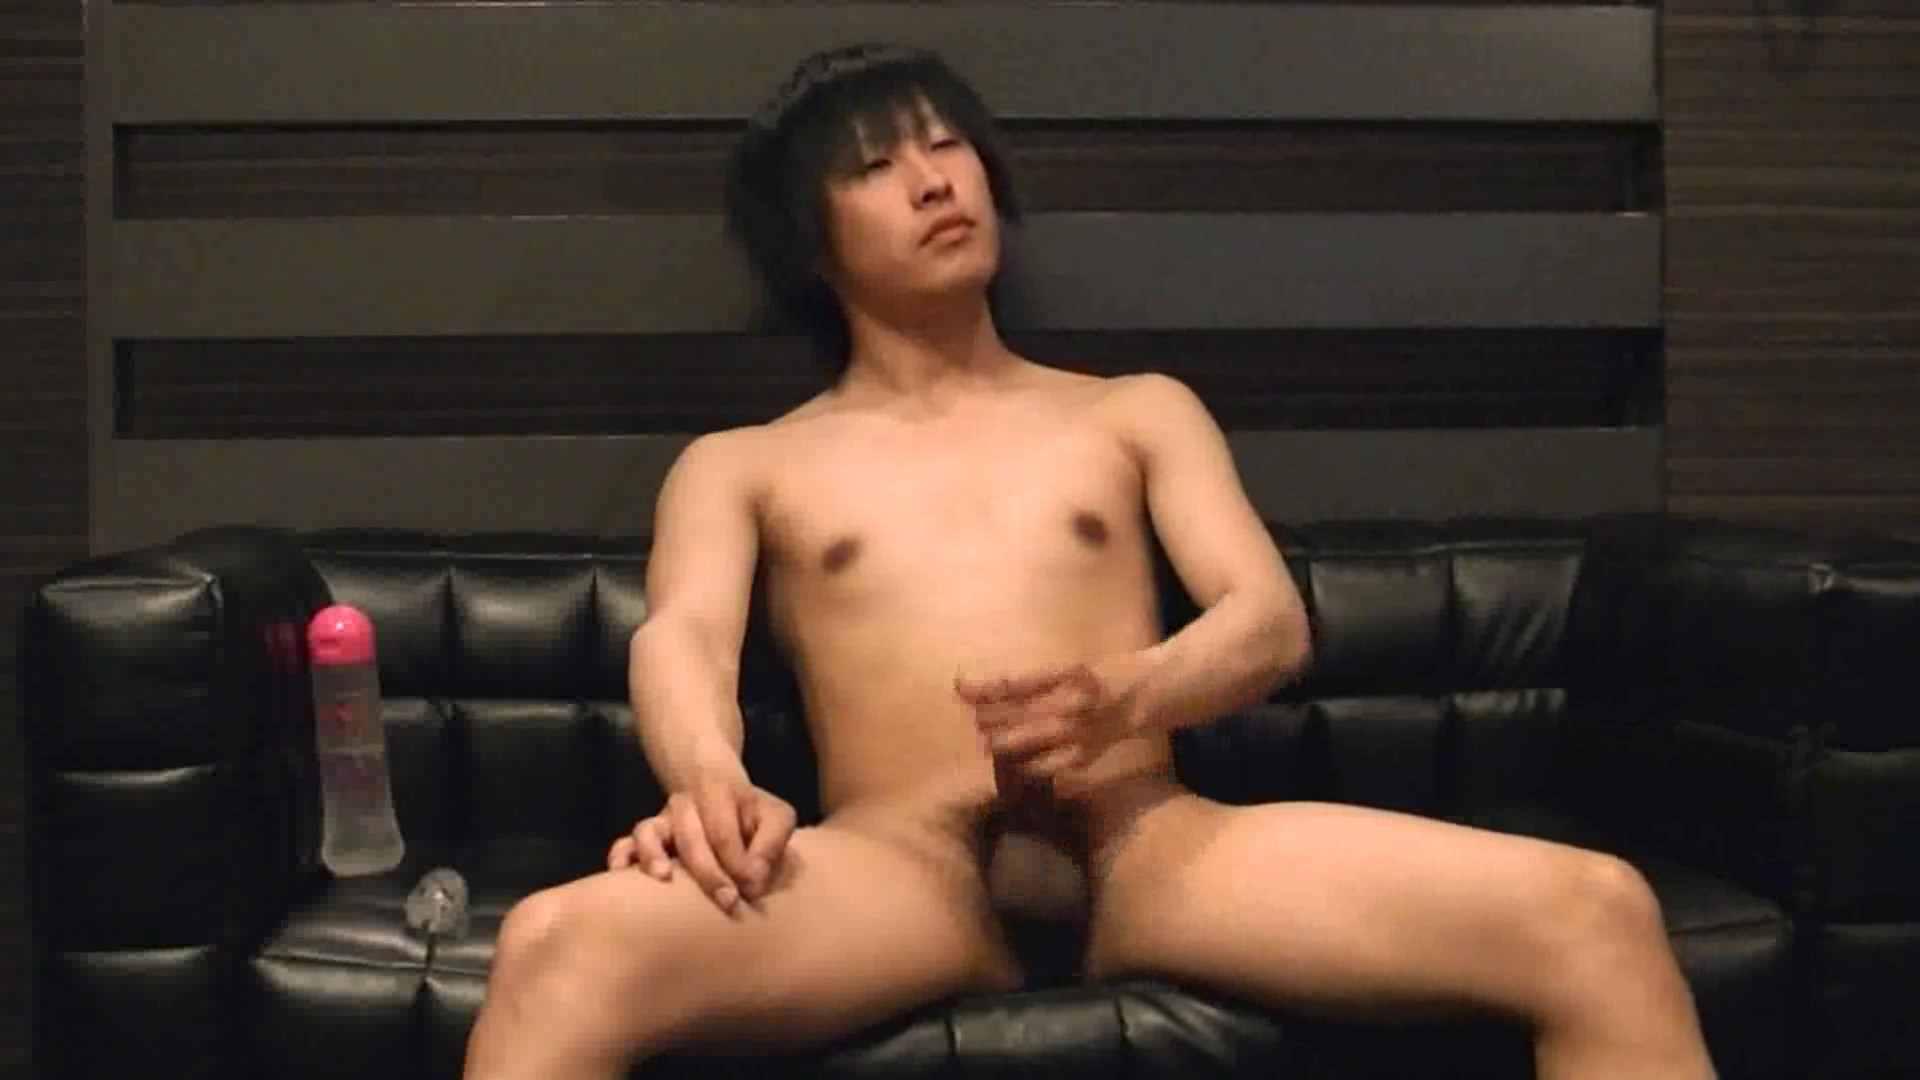 ONA見せカーニバル!! Vol6 オナニー ゲイセックス画像 109pic 80